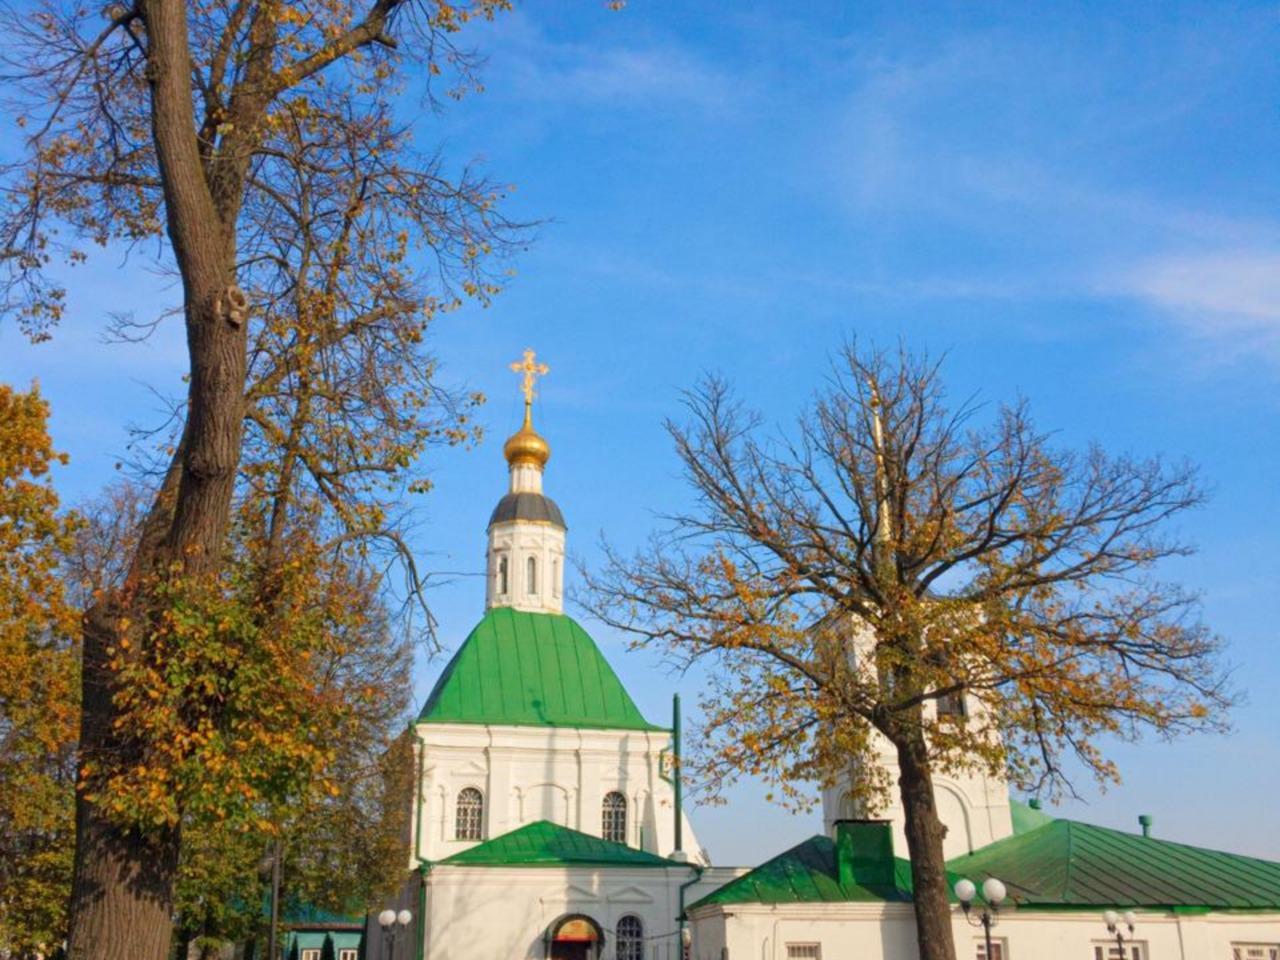 Владимир - уютный город с древнейшей историей - индивидуальная экскурсия во Владимире от опытного гида